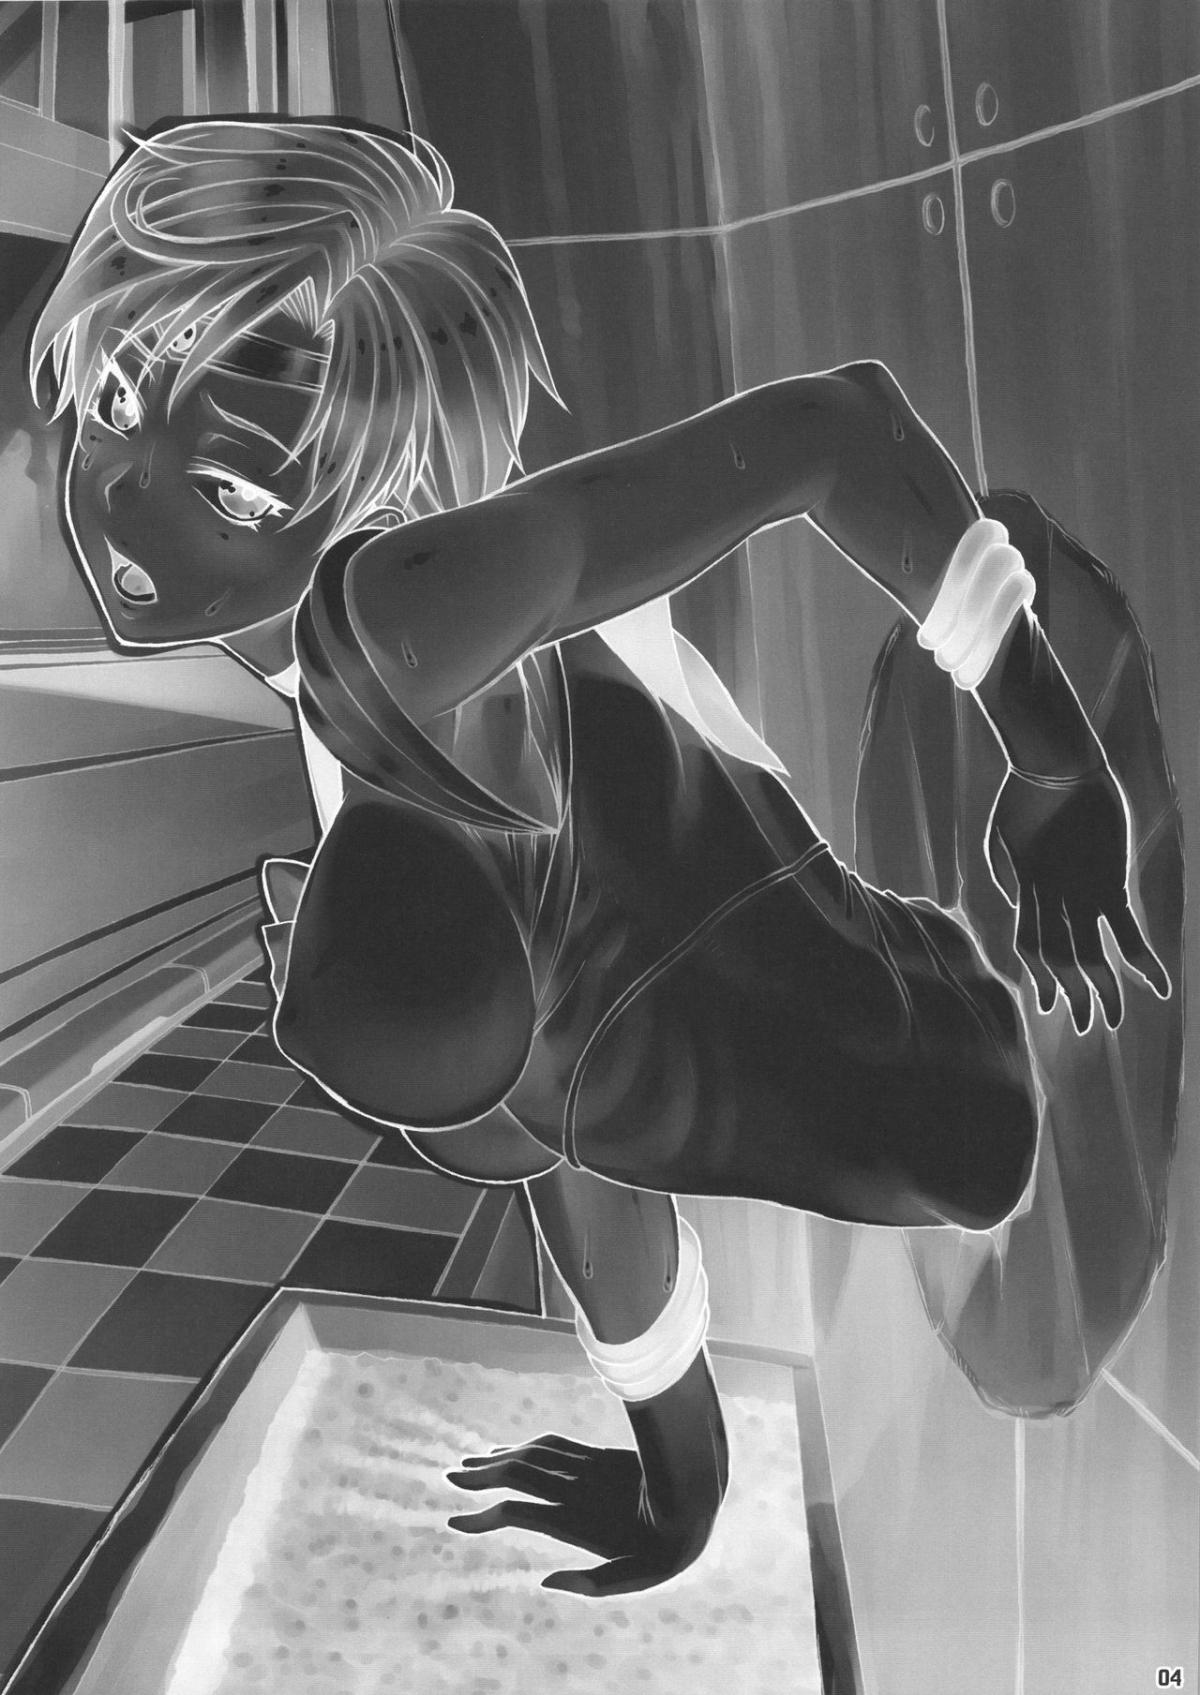 Hình ảnh  trong bài viết Truyện hentai Kabe no Naka de